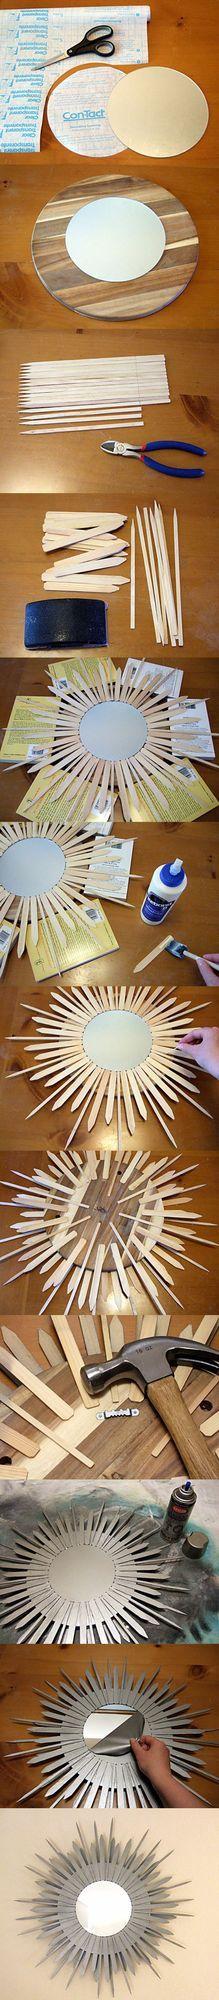 Espejo con forma de estrella – DIY Starburst Mirror A través del siguiente tutorial fotográfico puedes observar, paso a paso, cómo elaborar un artístico espejo con madera balsa. Luce espectacular. Uti